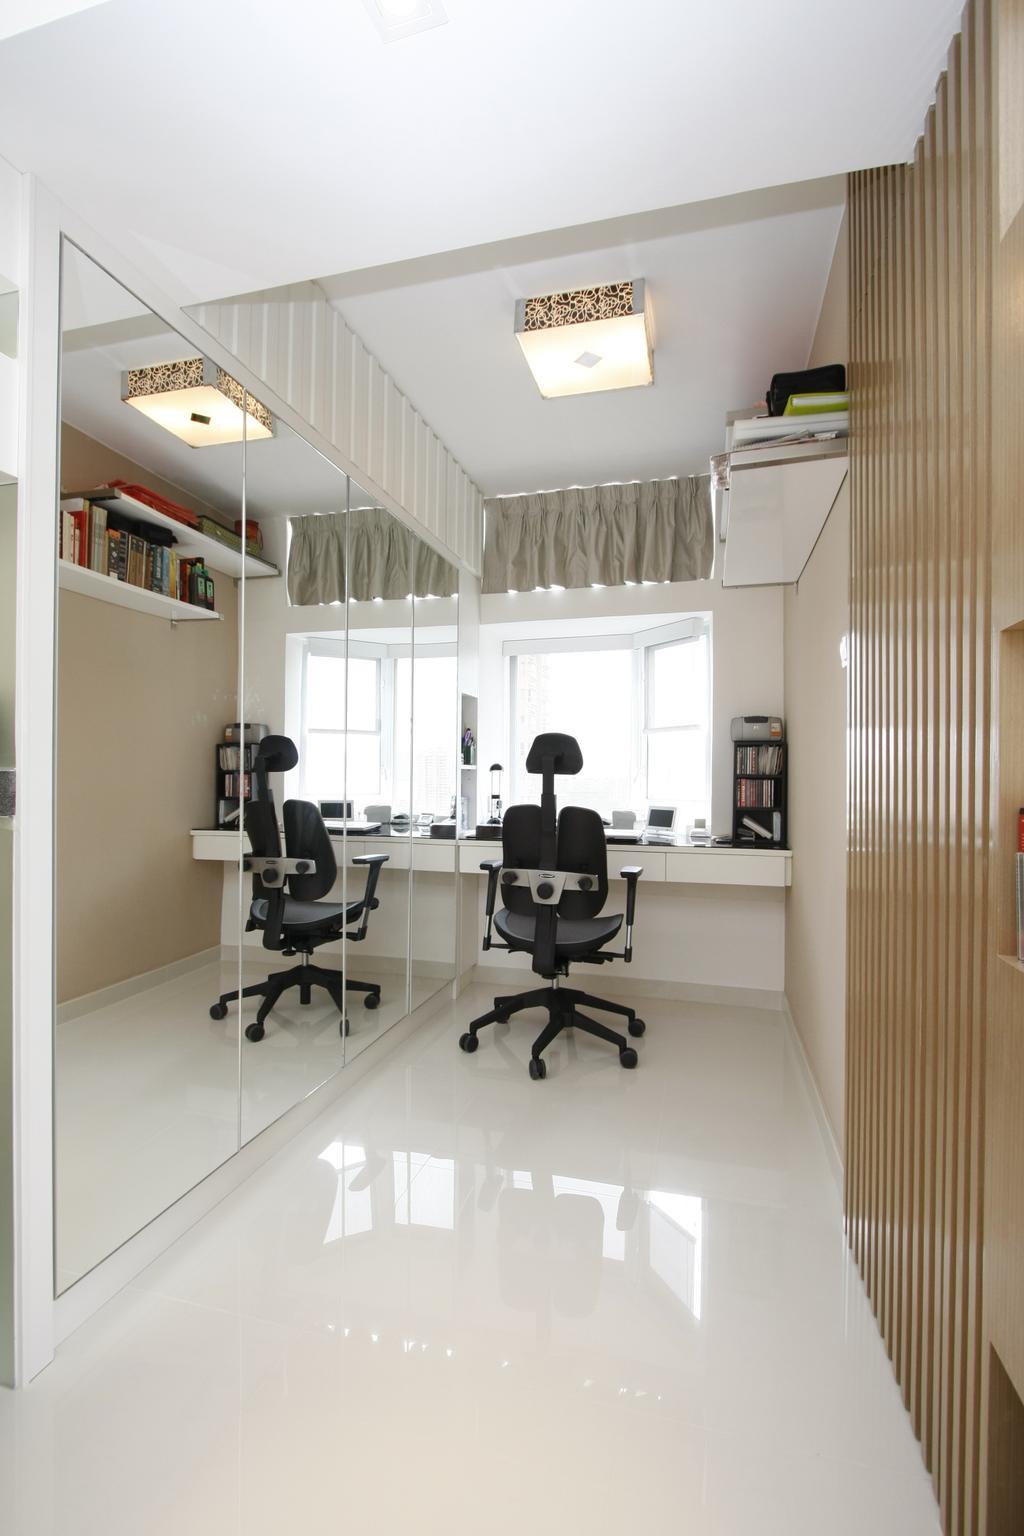 摩登, 私家樓, 書房, 黃金海岸, 室內設計師, 和生設計, Chair, Furniture